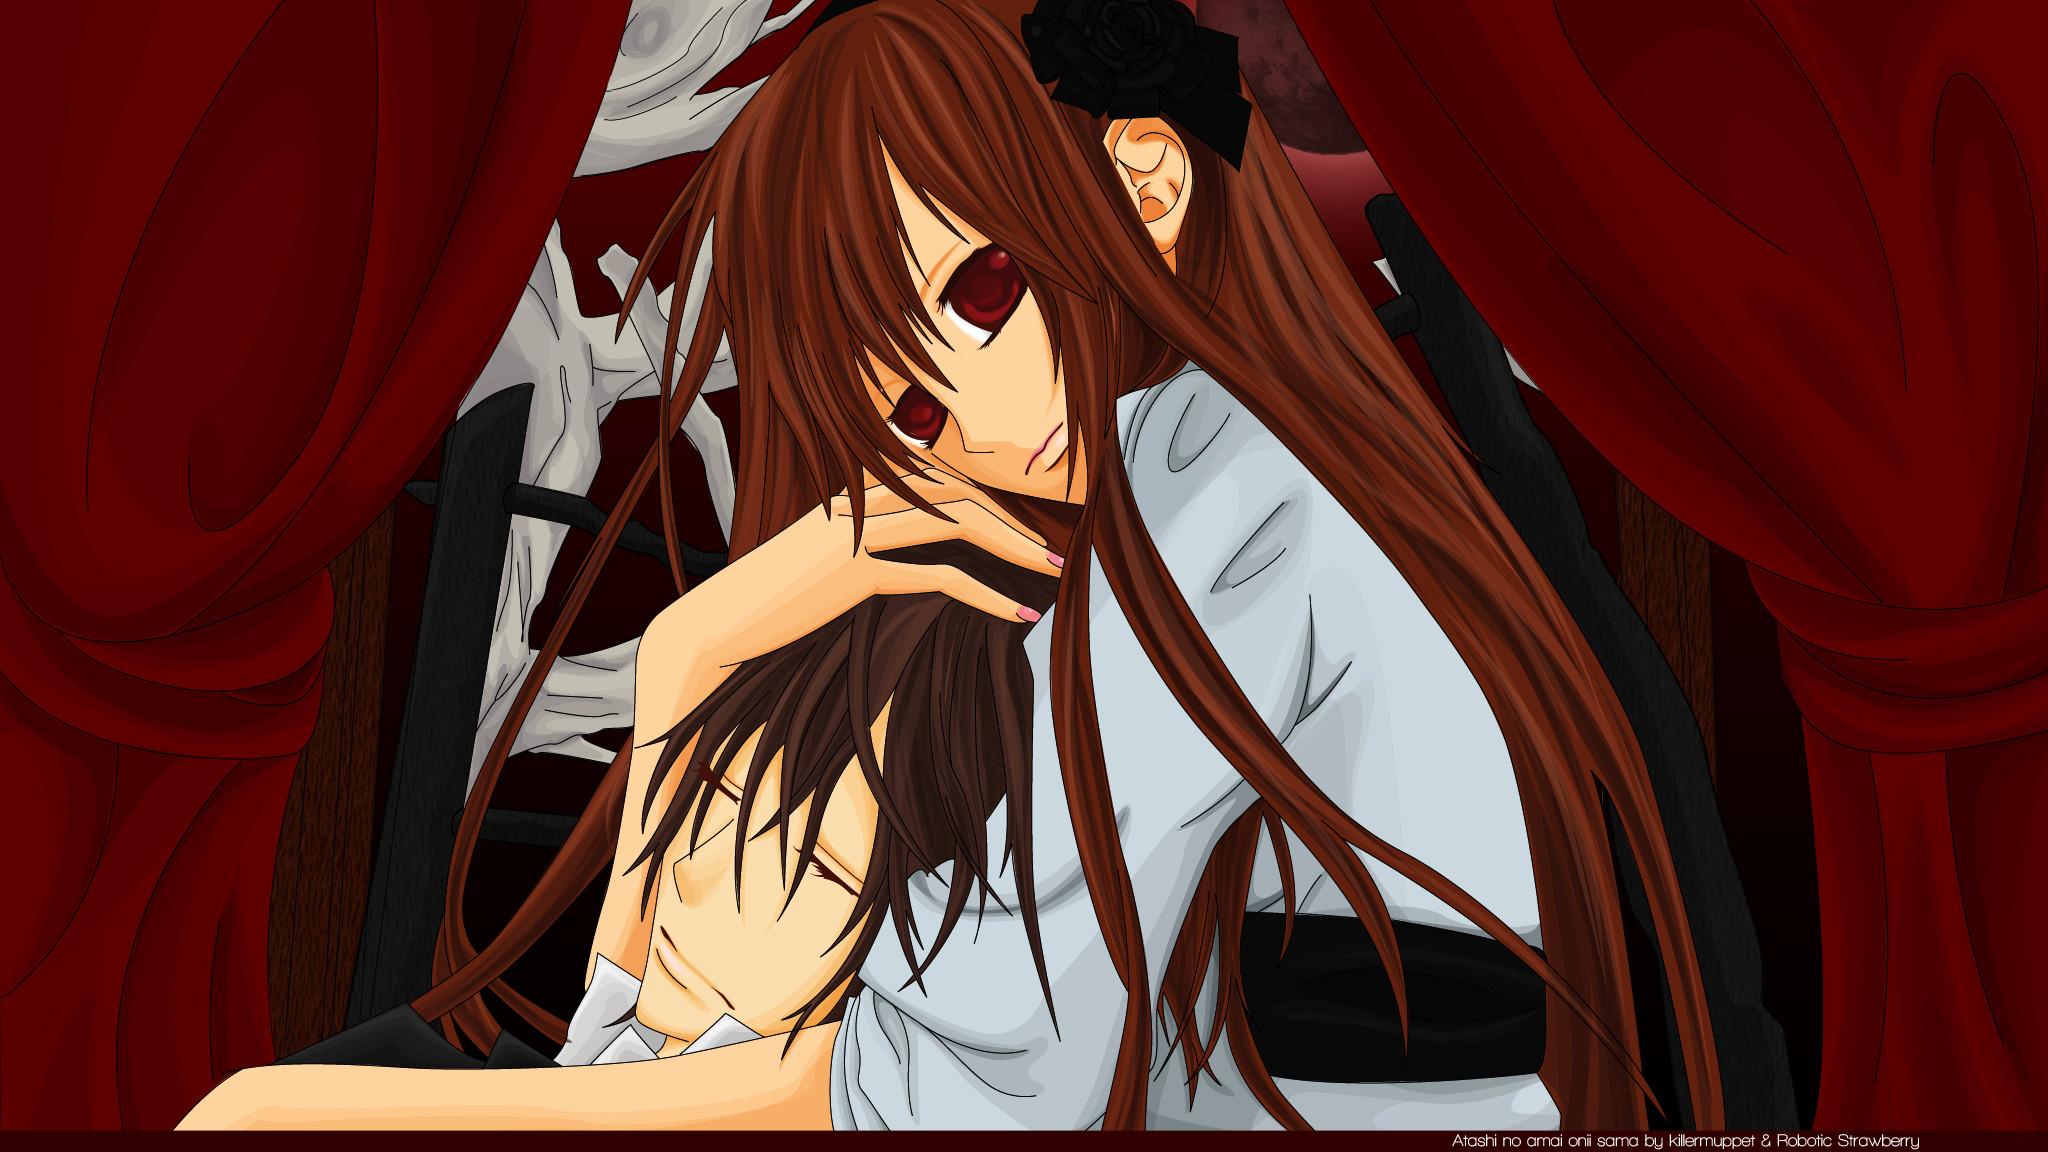 Tags: Anime, Vampire Knight, Kuran Kaname, Yuki Cross, Red Moon,